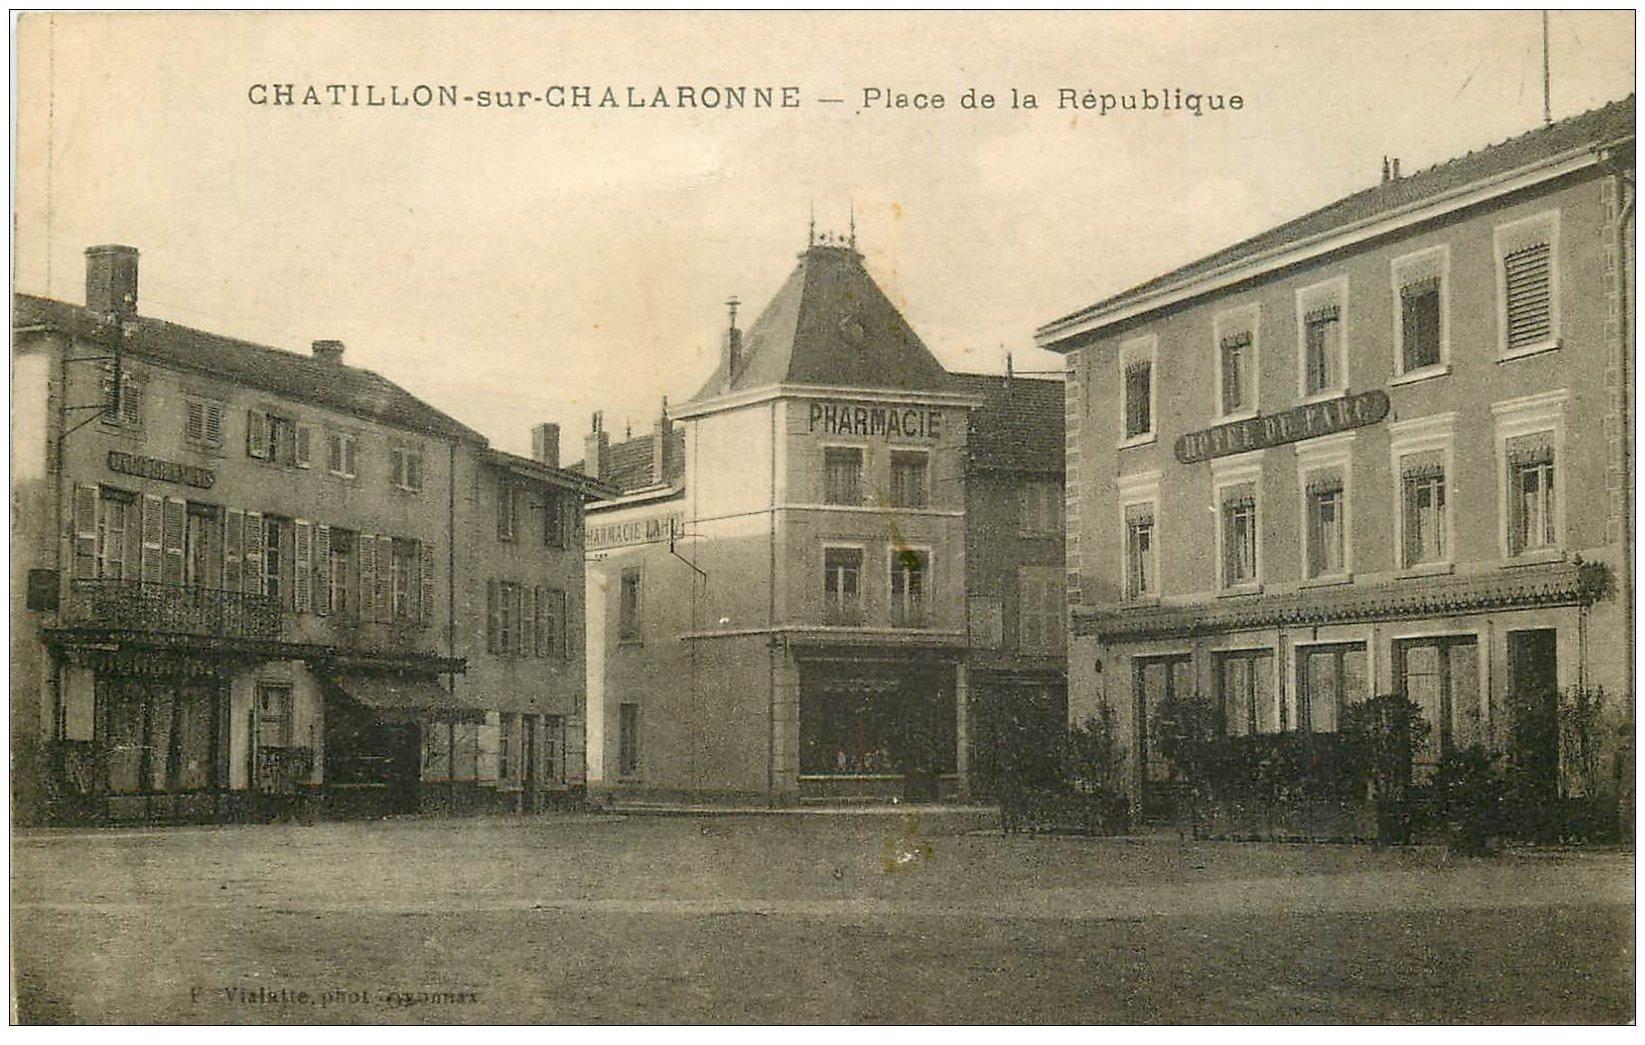 carte postale ancienne 01 Châtillon-sur-Chalaronne. Place de la République 1918. Pharmacie et Hôtel du Parc